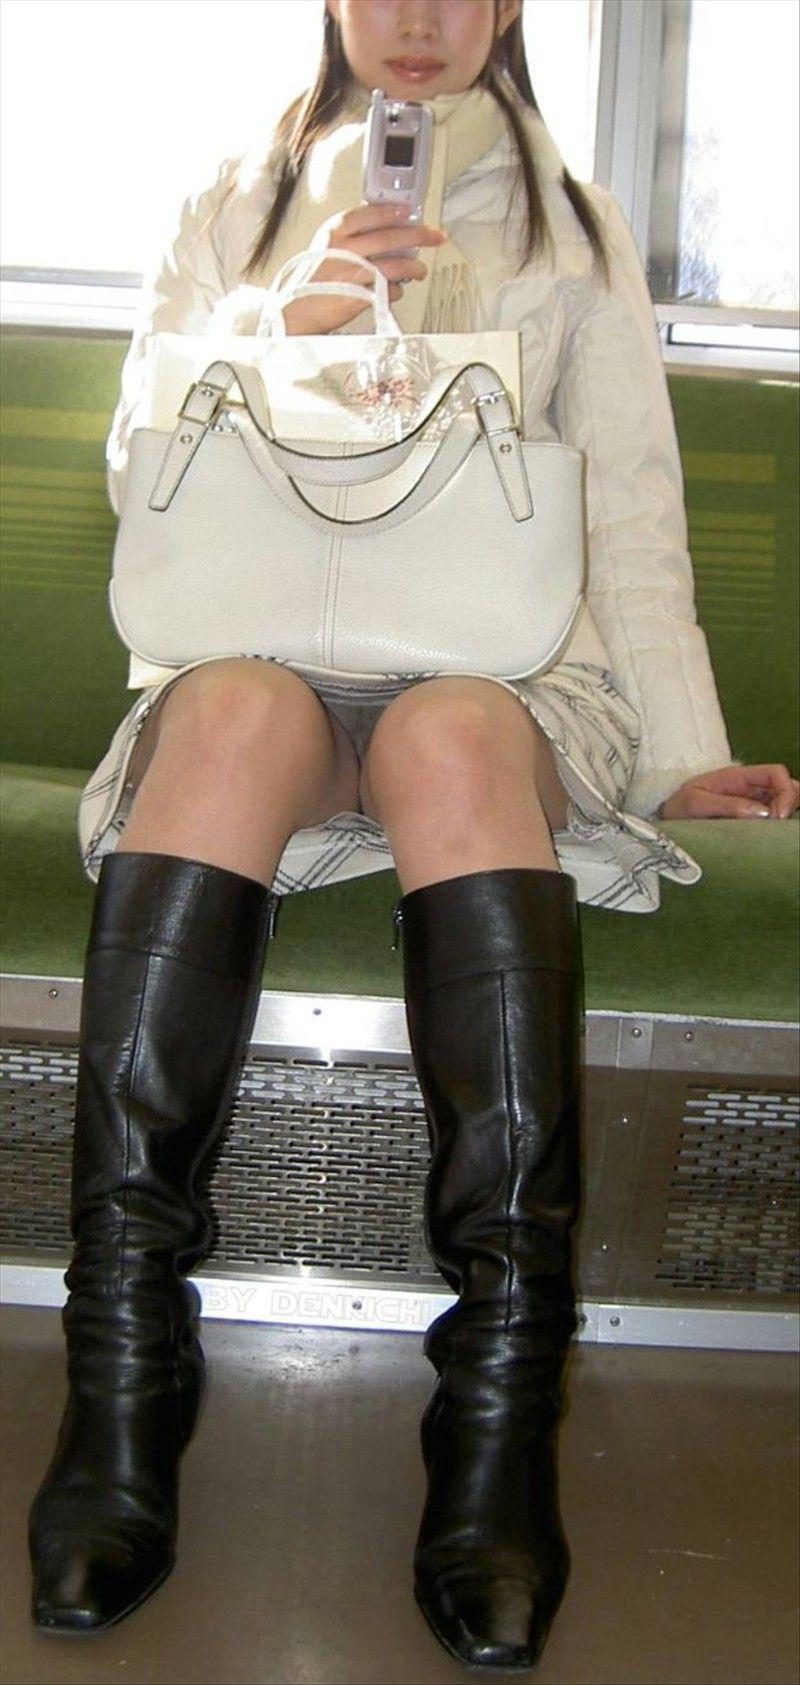 【パンチラエロ画像】通勤時に拝めたら今日はイイ事ありそう…電車内パンチラwww 26